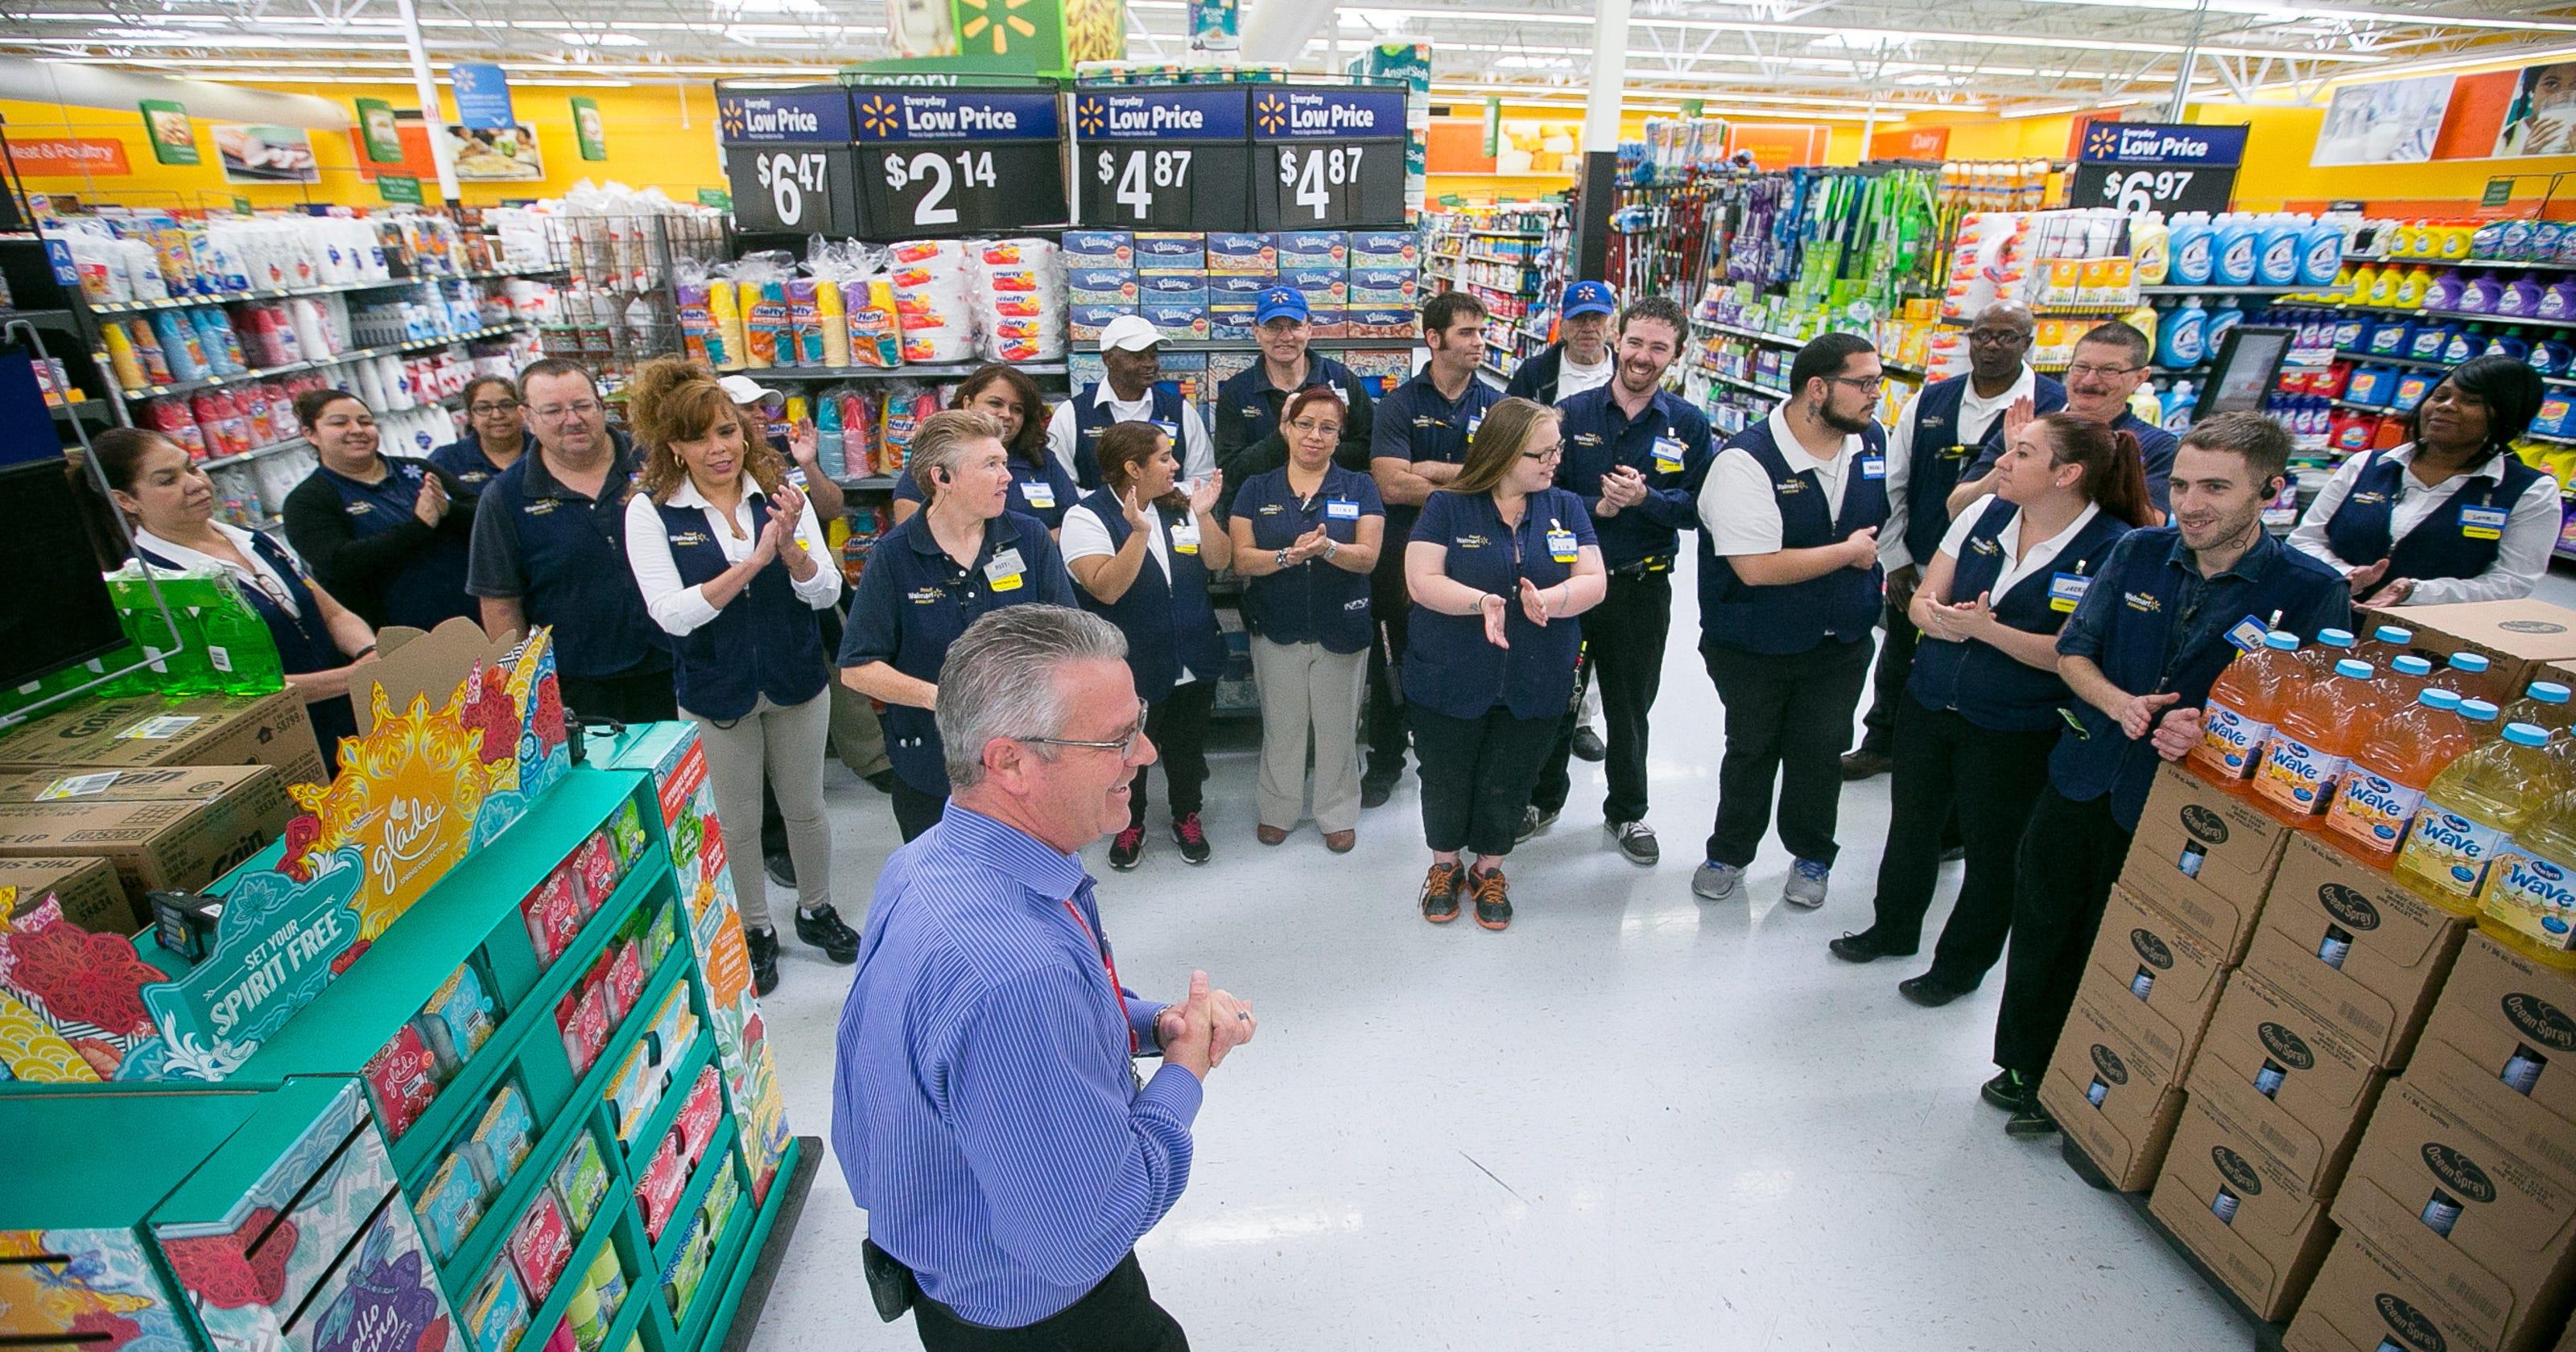 Walmart's wage hike has far-reaching effects